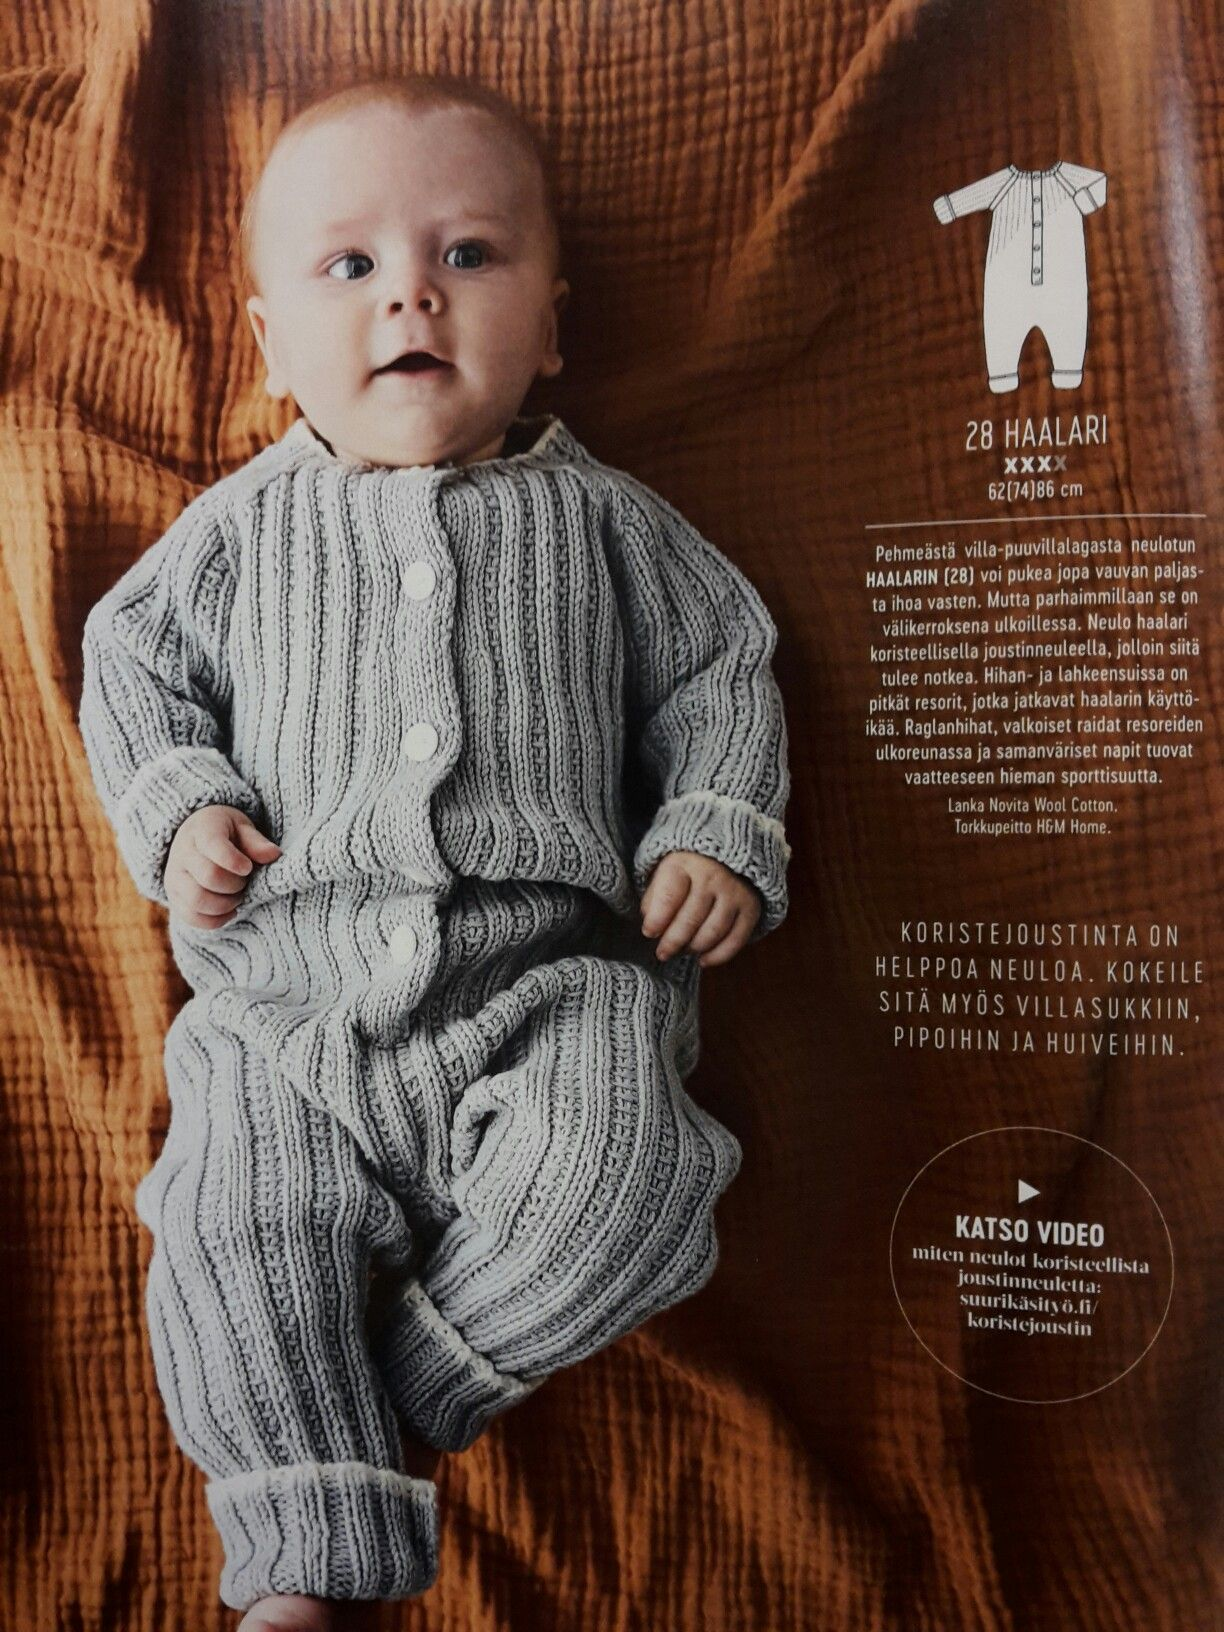 Vauvan villahaalari haalari novita wool cotton 350 - 450 g koot 62 - 86 cm  puikot 4 kohoneule skk 10 2017 4e03b35073